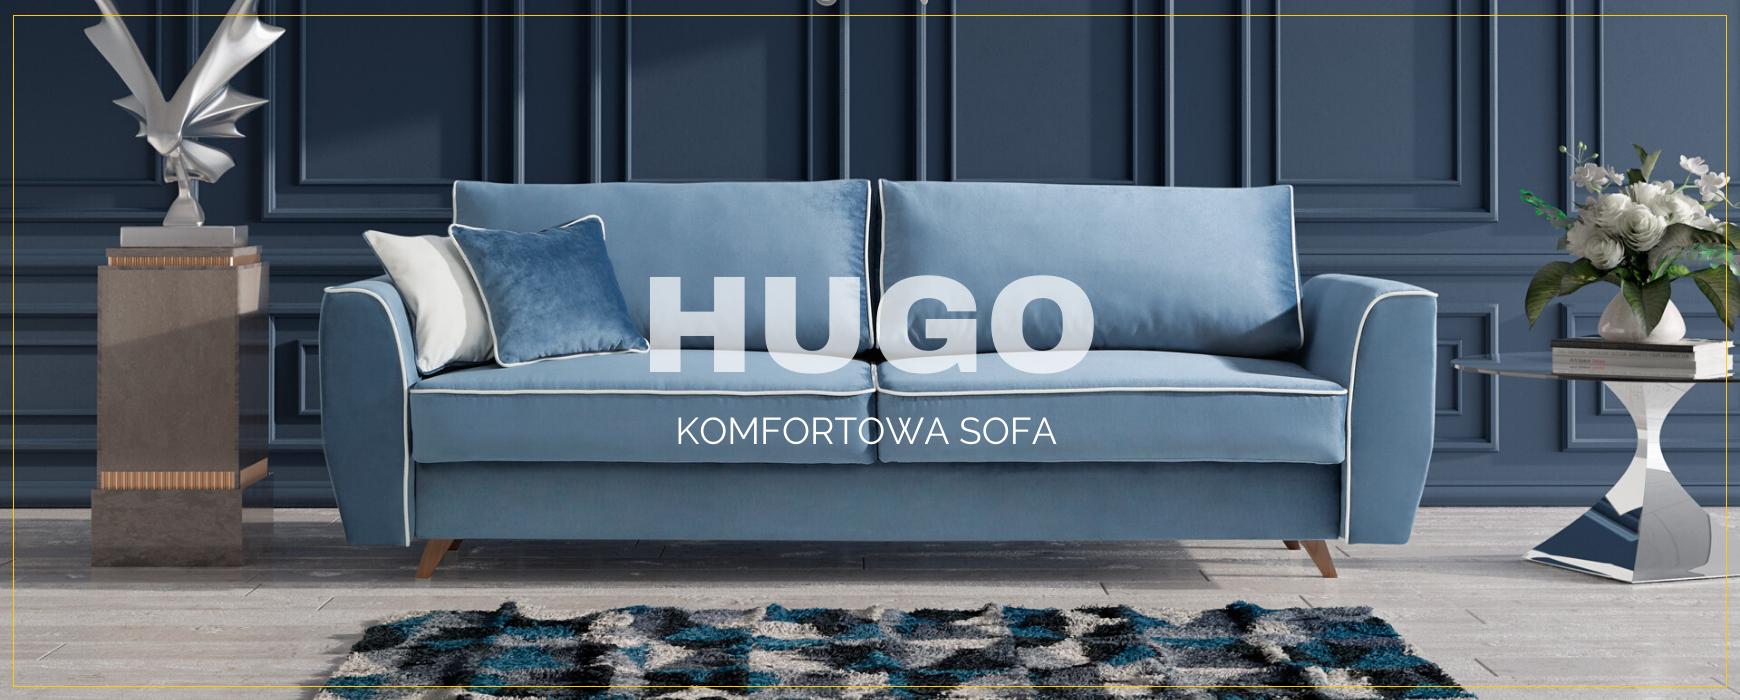 Komfortowa sofa HUGO z wygodną funkcją spania oraz pojemnikiem na pościel dostępna już od 3.199 pln Kilkanaście kolorów do wyboru. Transport gratis! Sprawdź naszą ofertę!